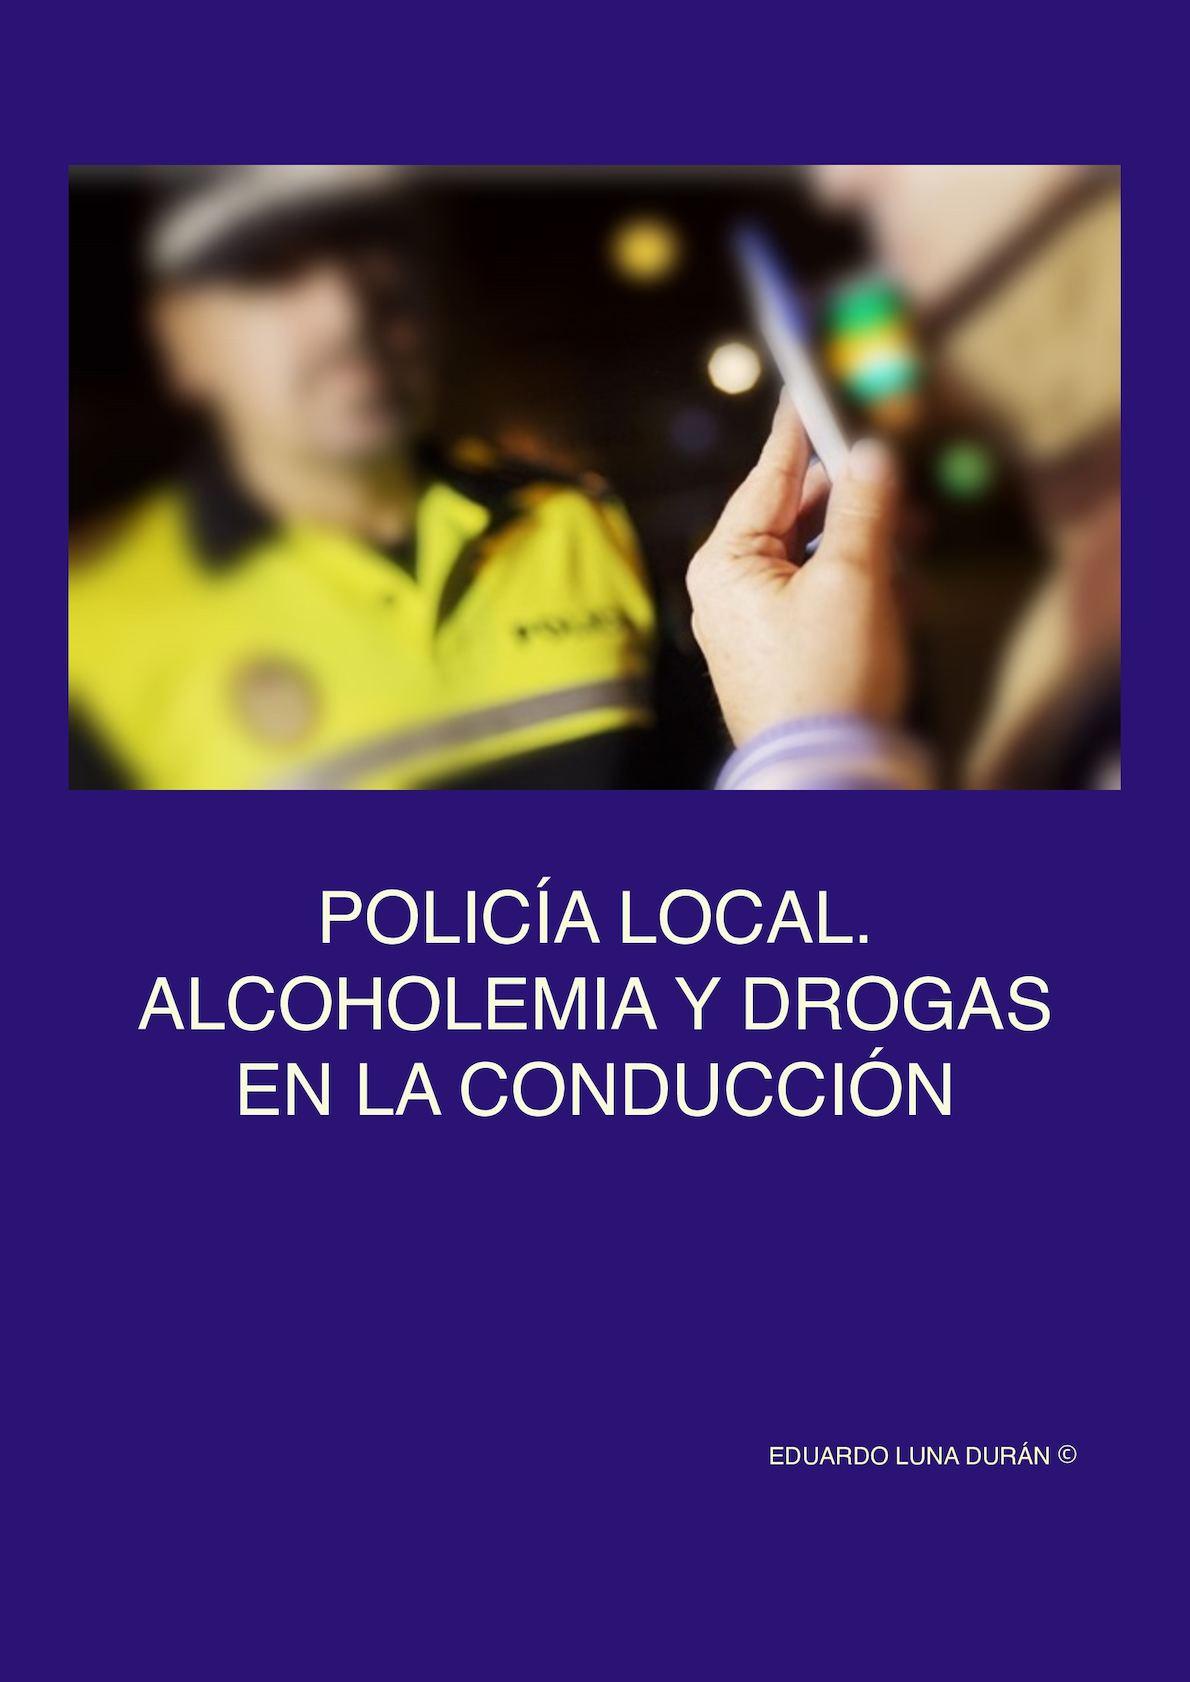 Policia Local Alcoholemia Y Drogas En La Conduccion